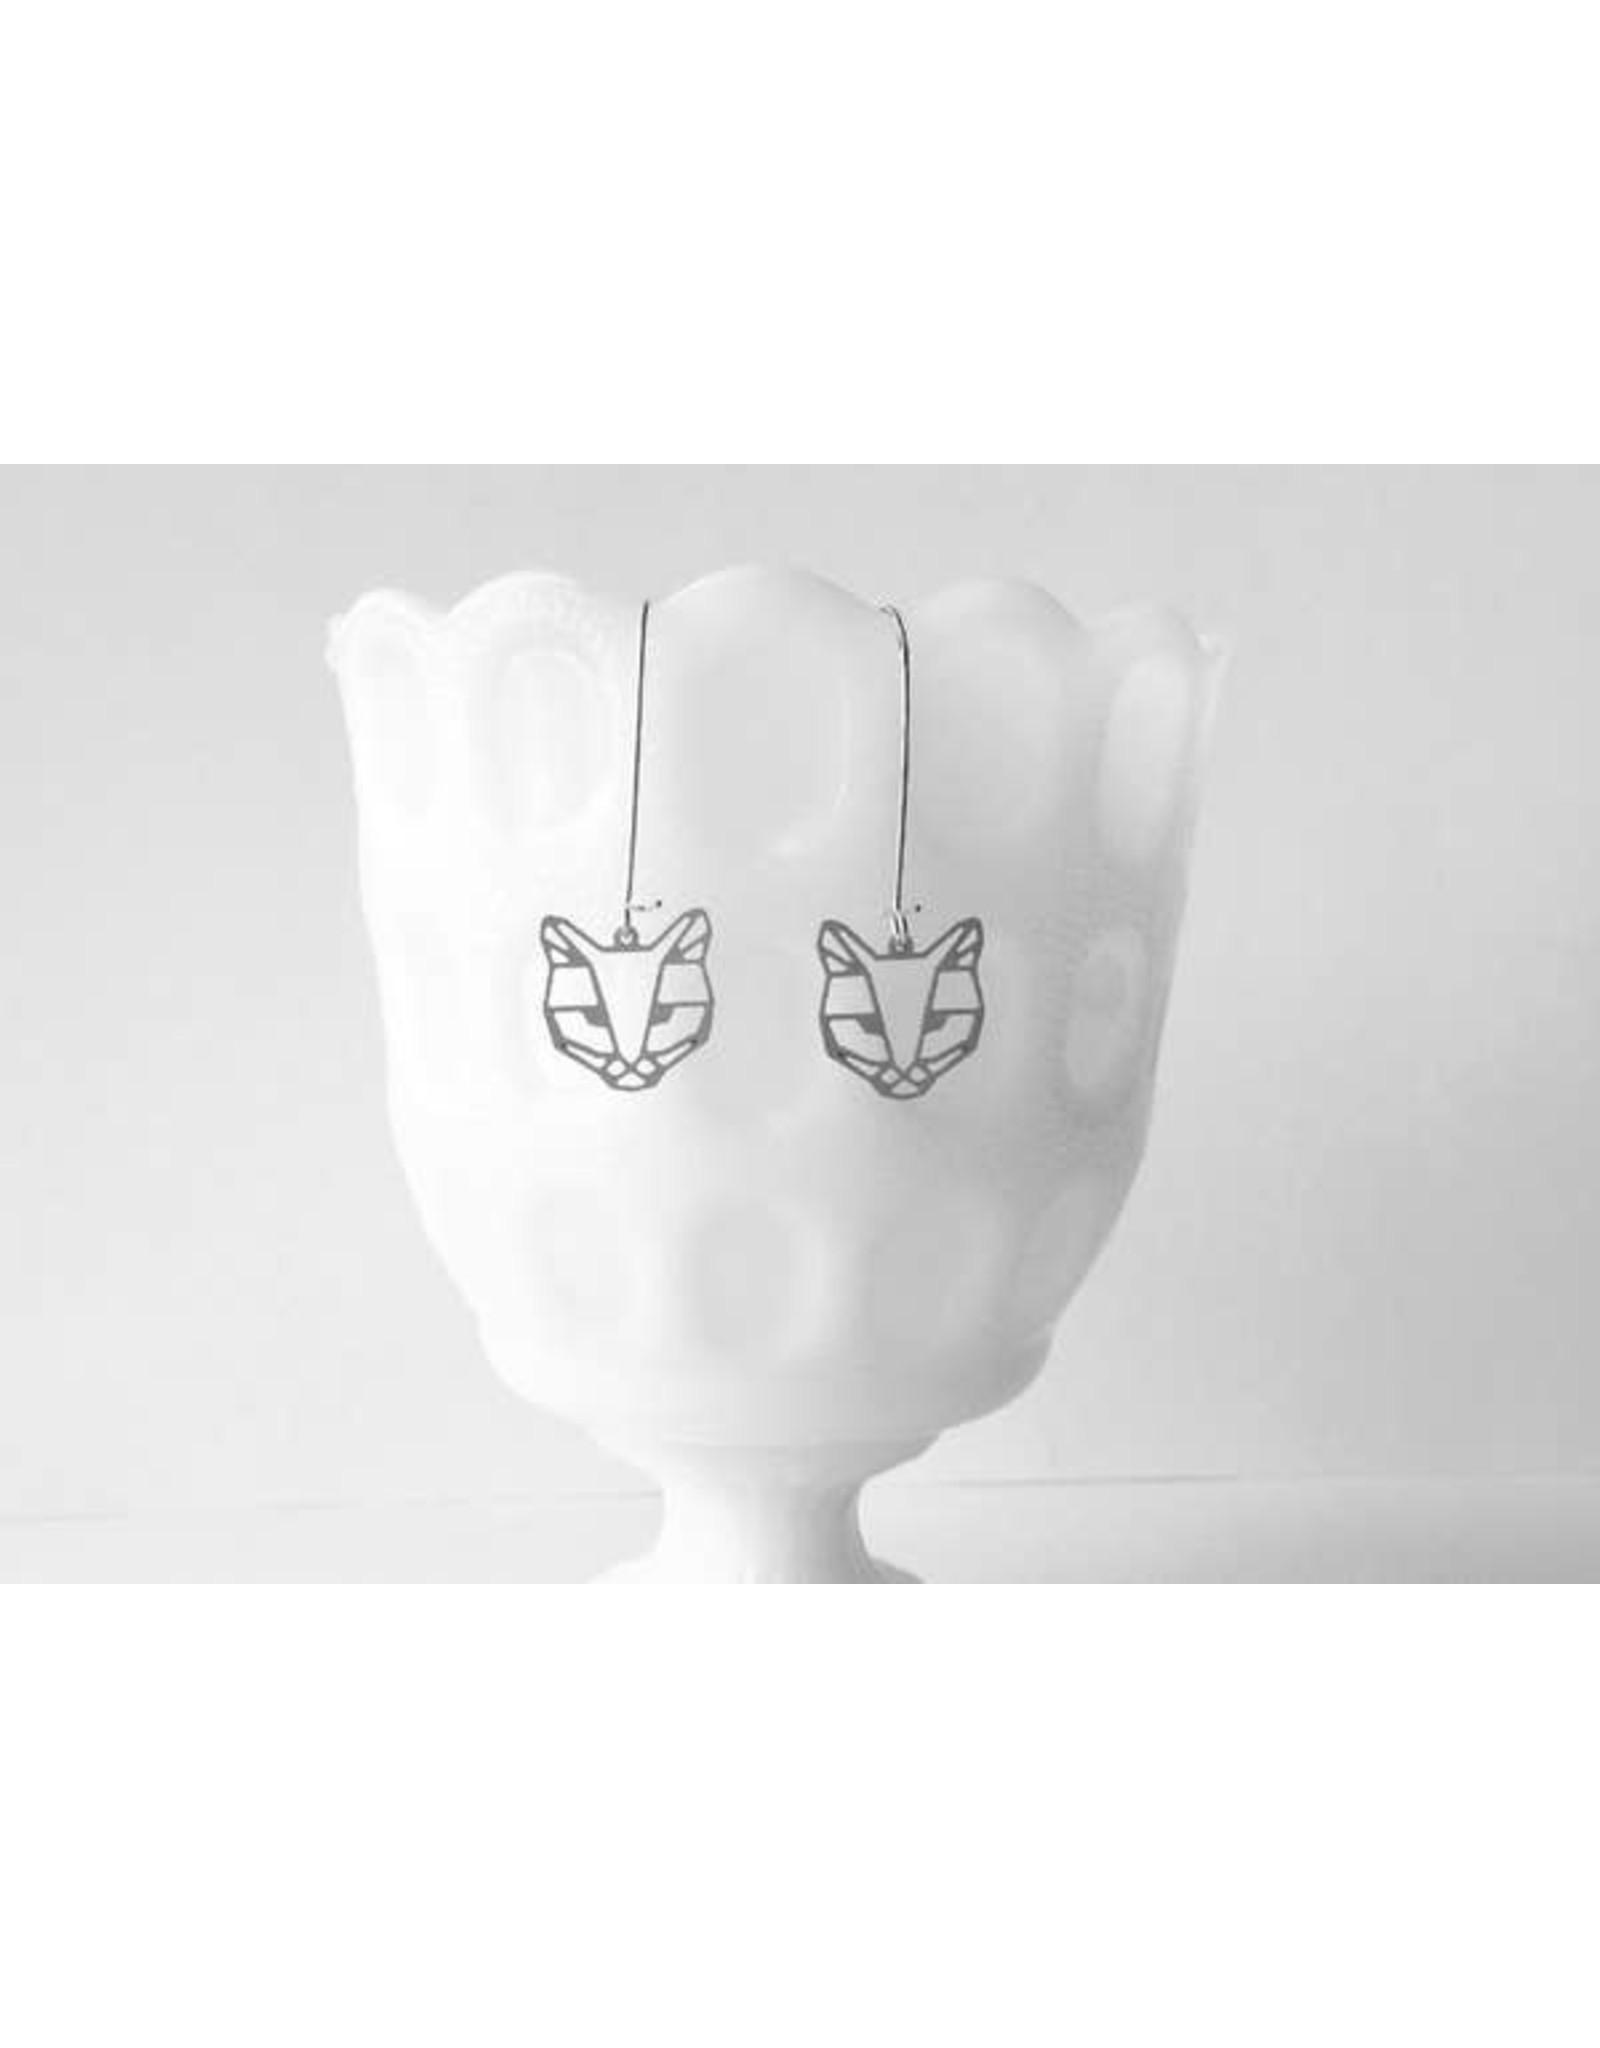 TLJ Cat Face Earrings: Silver